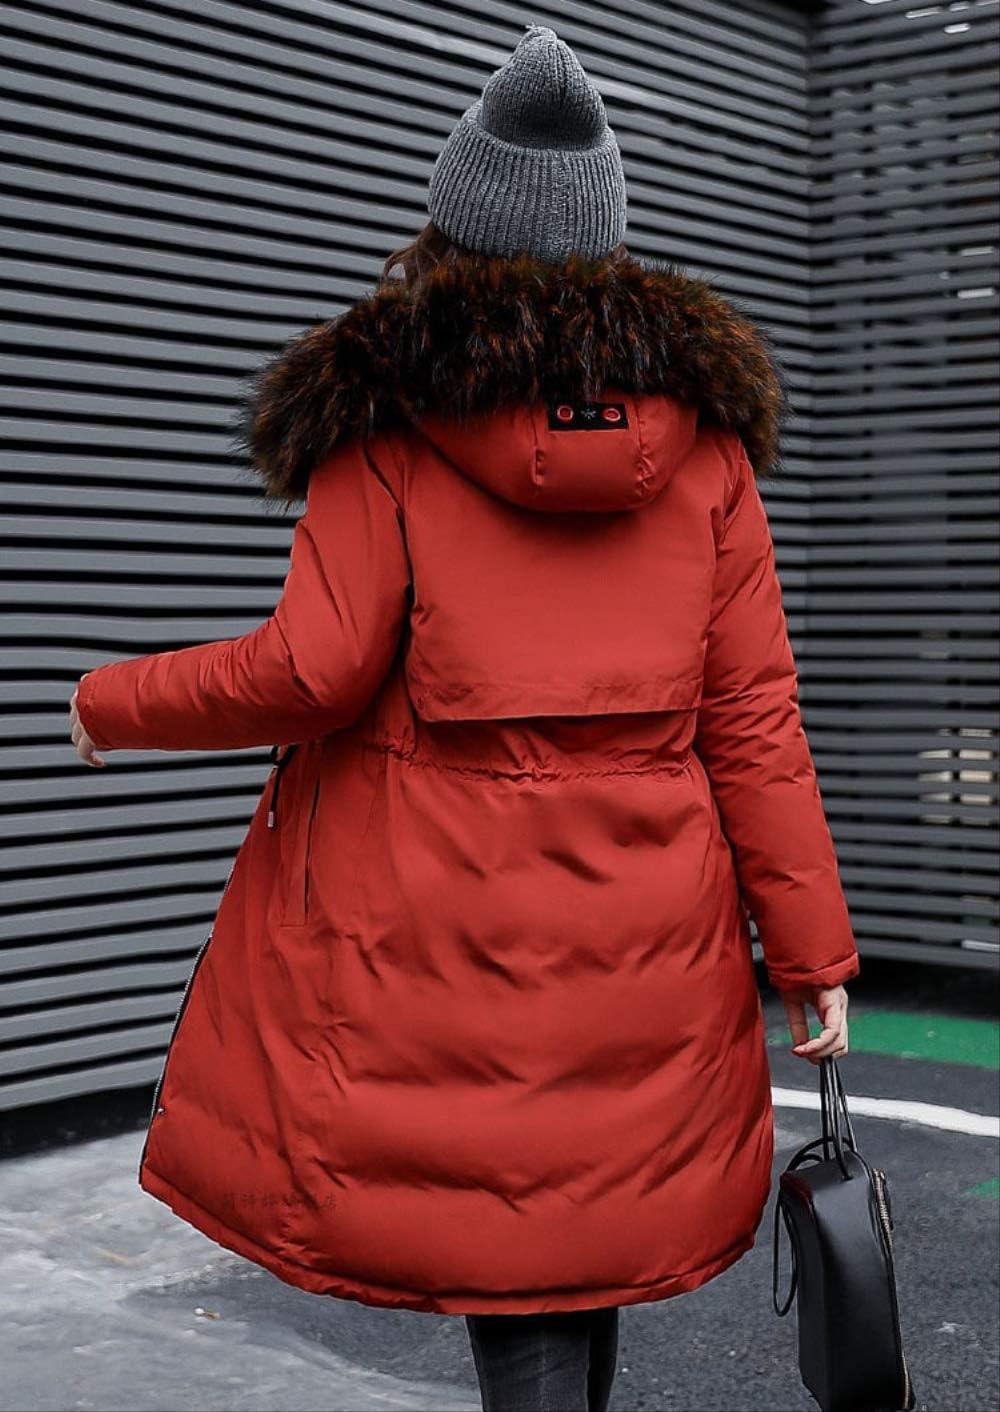 QXNZY Giacca Invernale con Cappuccio Spessa Donna Oversize 3XL Stampa Double Face Parker Collo Invernale Cappotto Donna Red